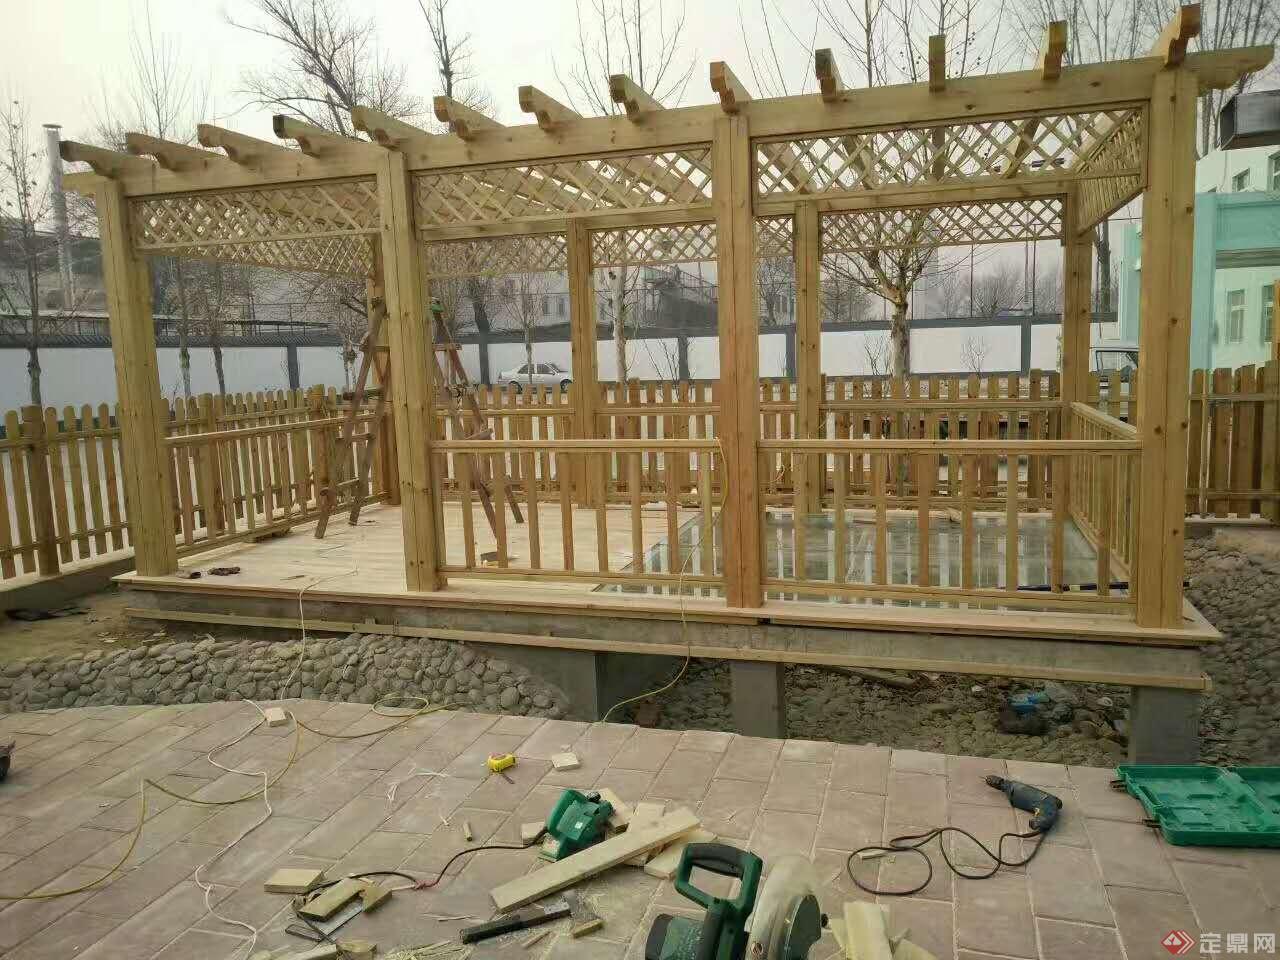 庭院绿化制作栅栏,防护栏,围栏,栏杆,木地板等!